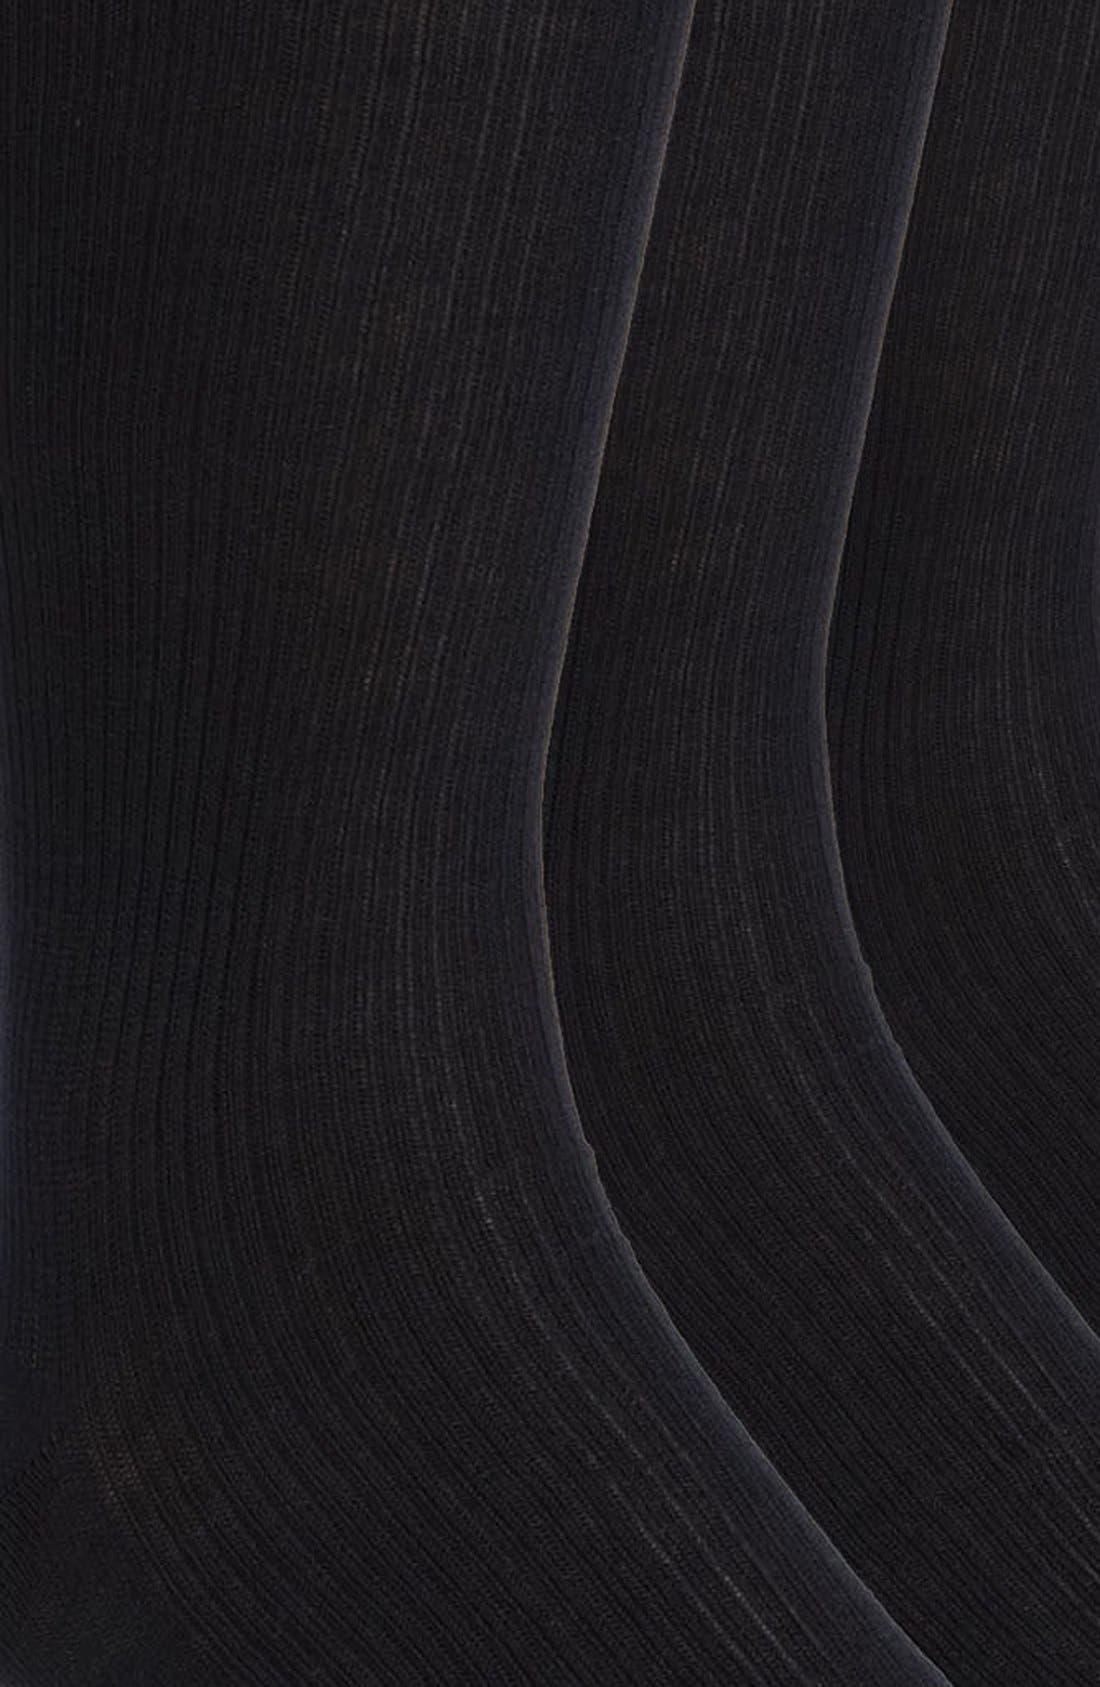 Alternate Image 2  - Calvin Klein Cotton Blend Dress Socks (3-Pack)